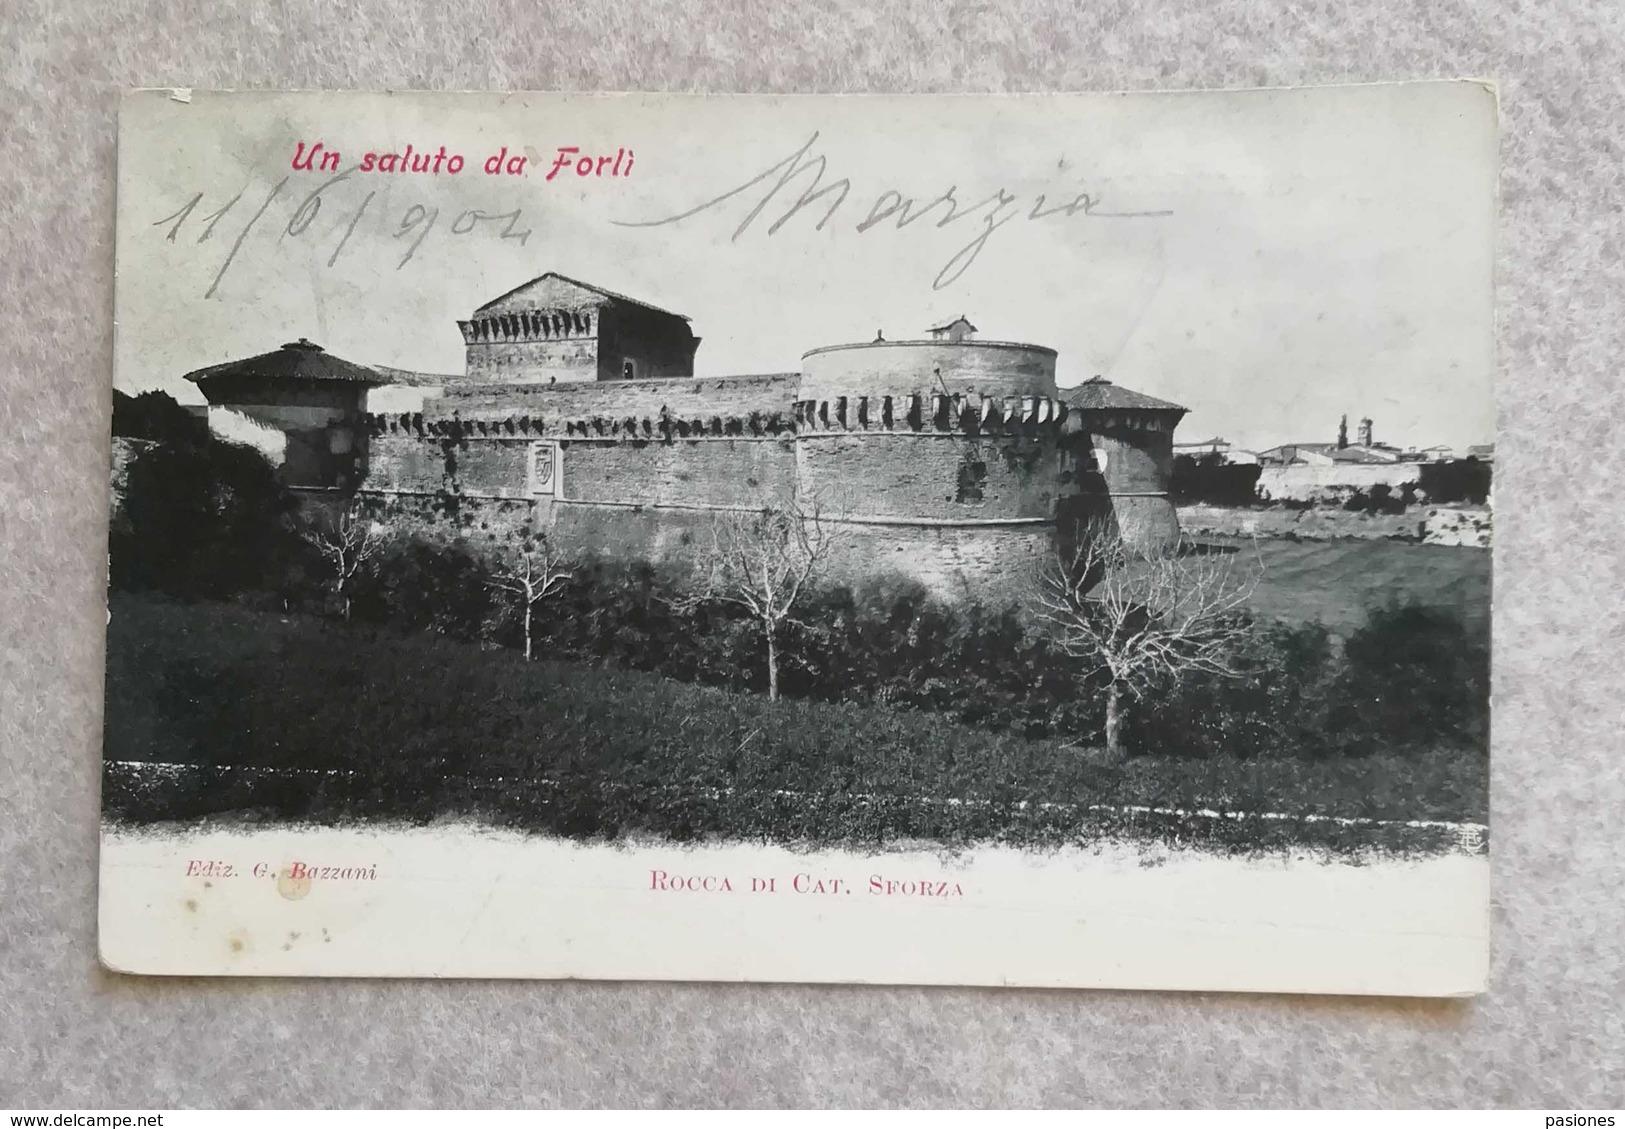 Cartolina Postale Forlì - Rocca Di Caterina Sforza 1904 - Forlì